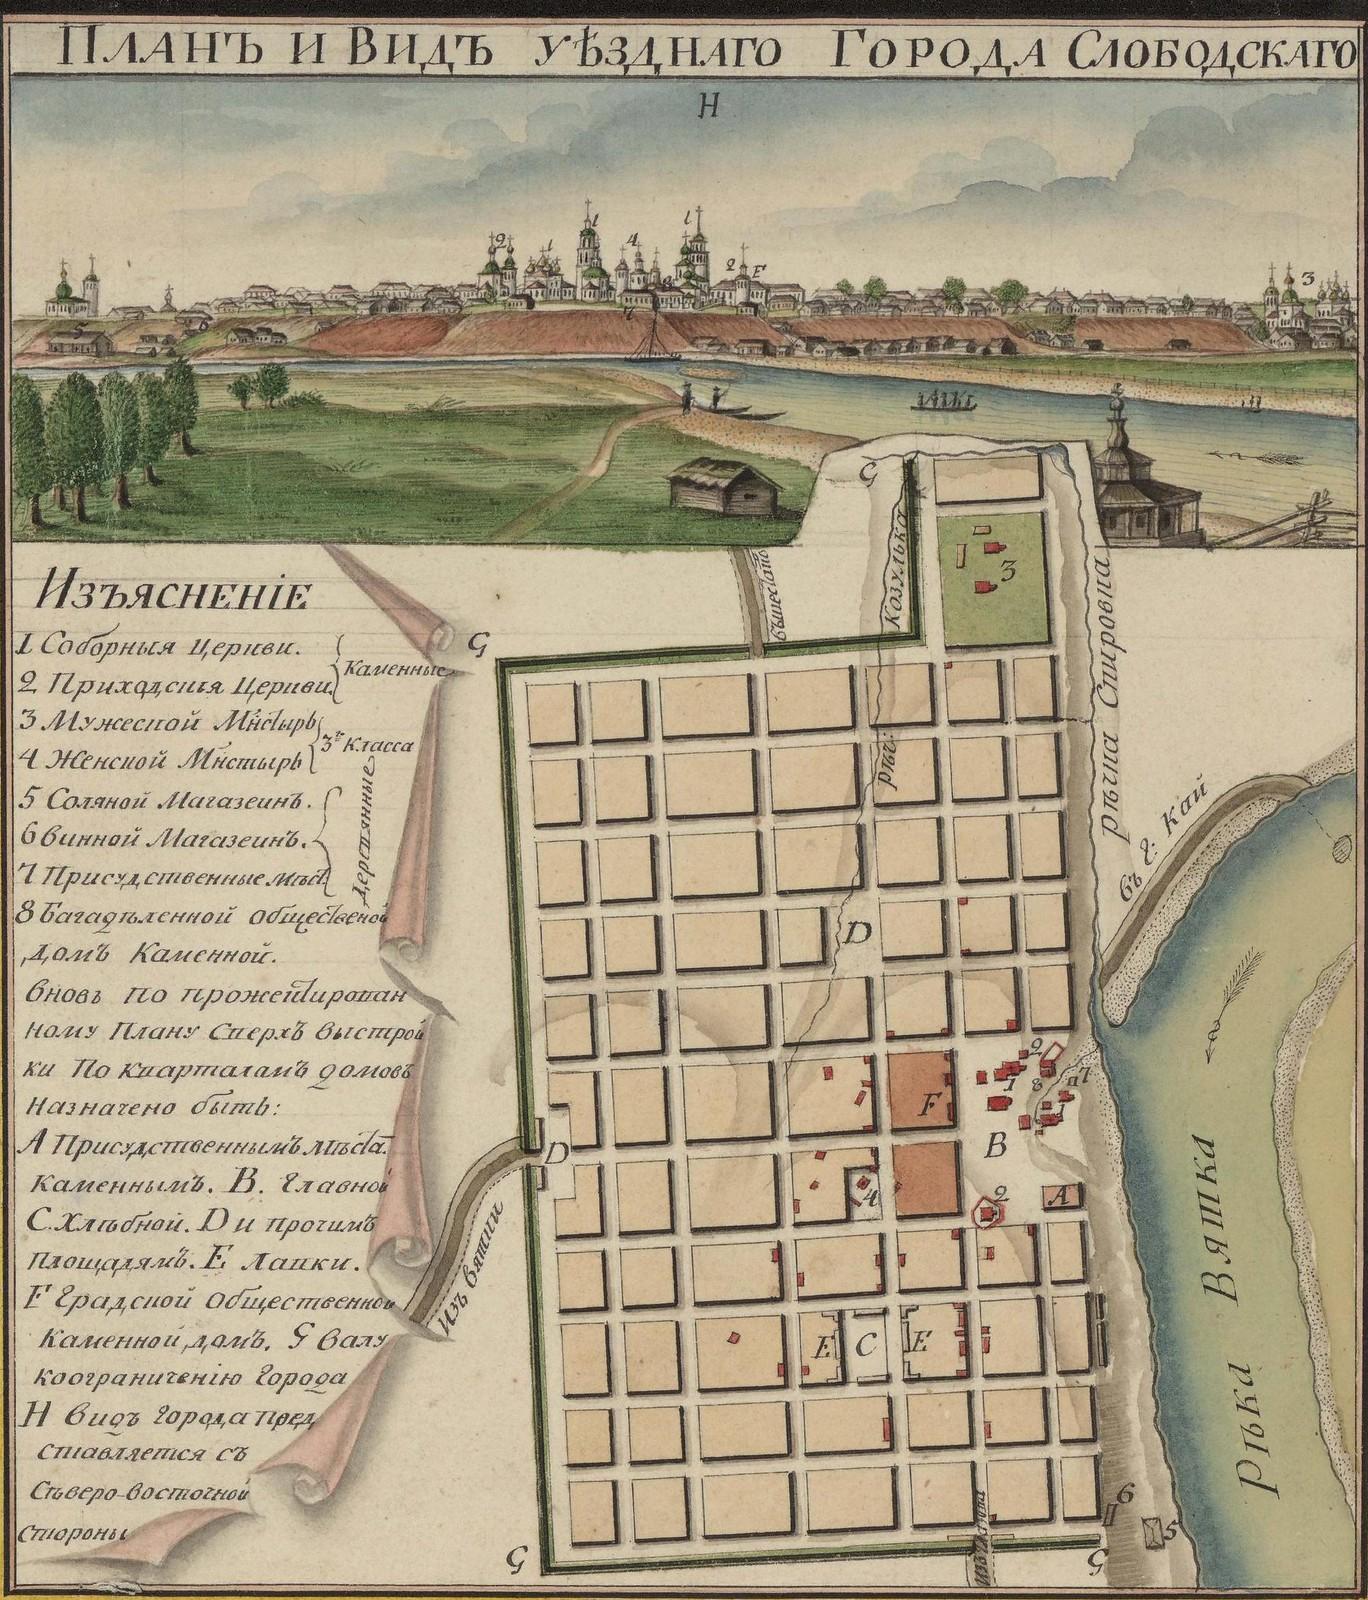 Генеральная карта Вятской губернии с планами и видами городов. 1806 - Copy (7)